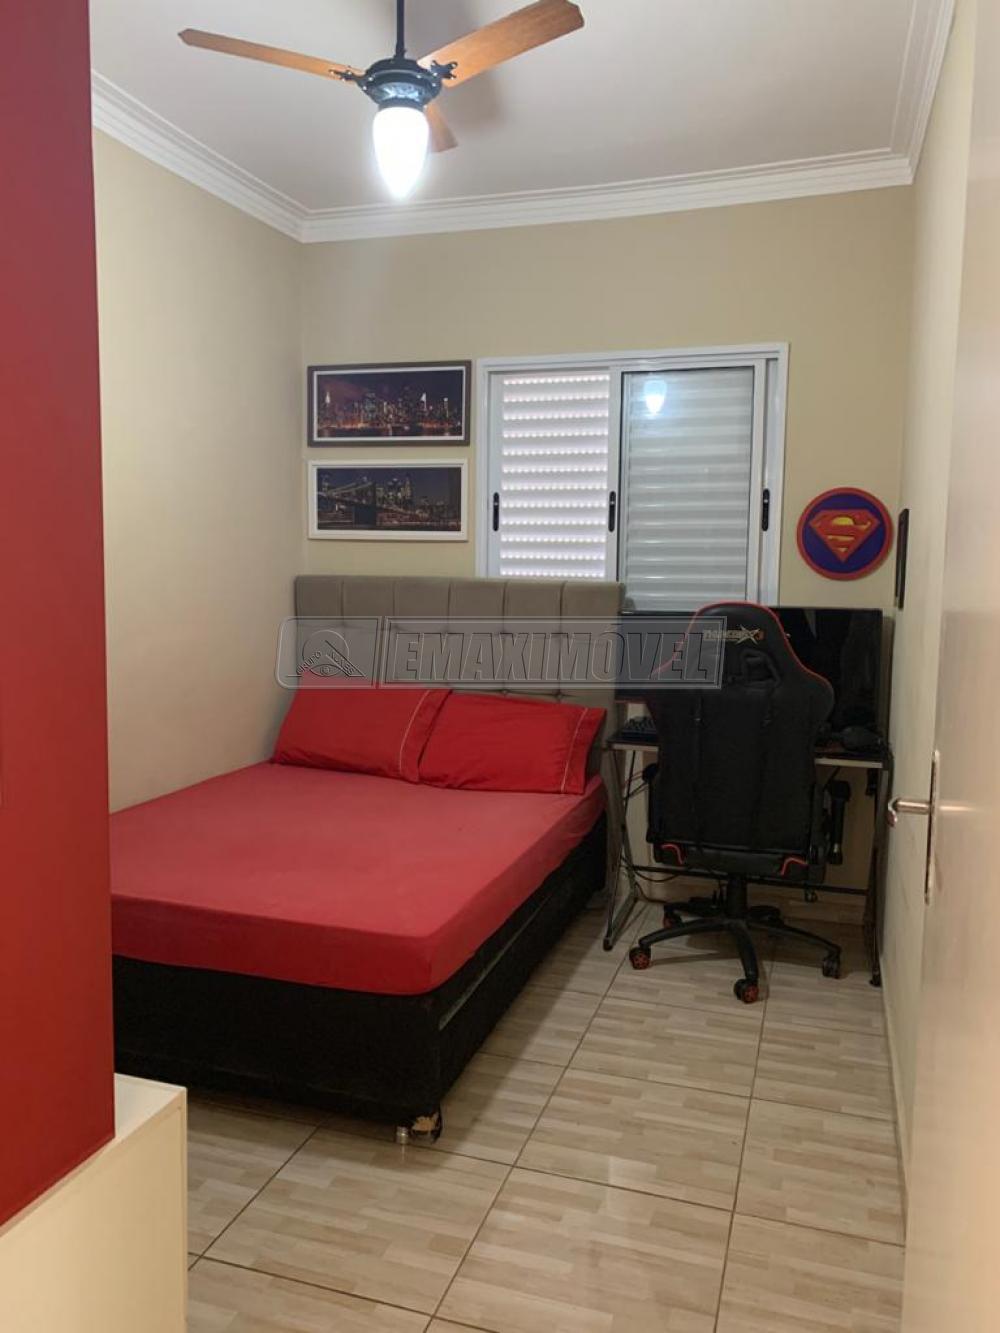 Comprar Apartamentos / Apto Padrão em Sorocaba apenas R$ 235.000,00 - Foto 6